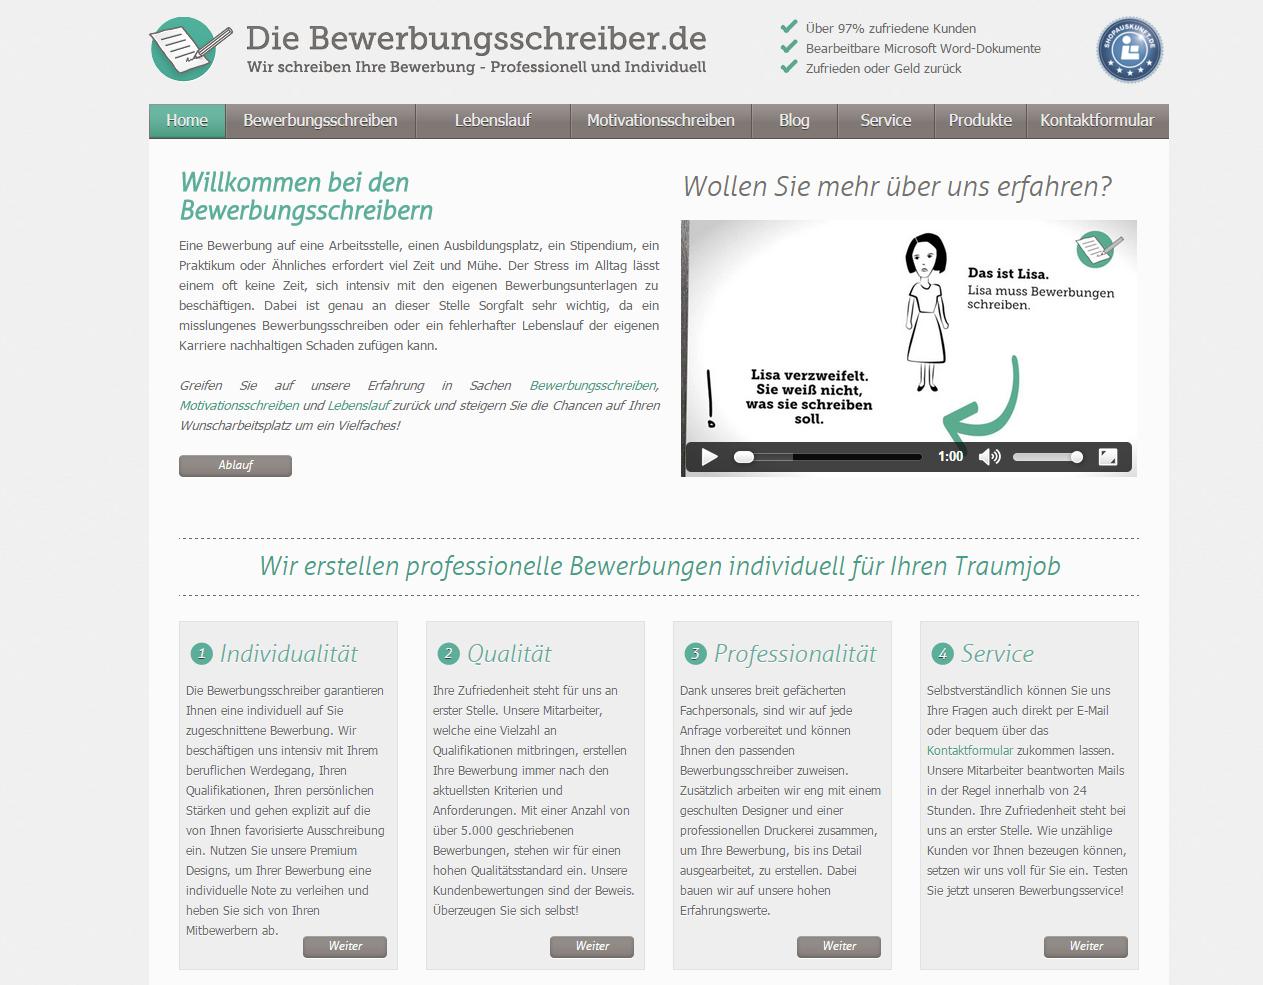 Webseitenvorschau die-bewerbungsschreiber.de